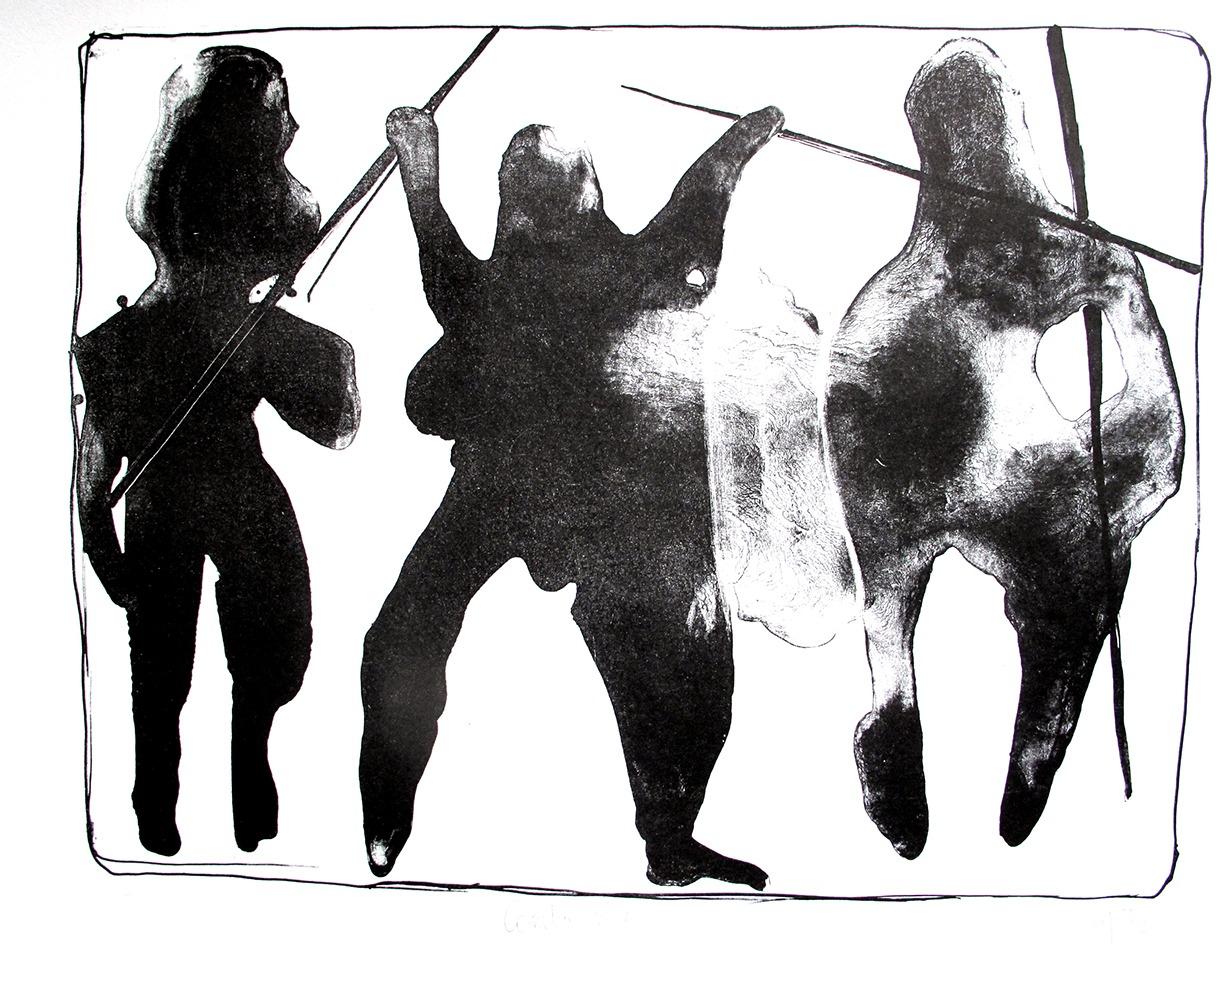 combat n°4 (24 x 32 cm)